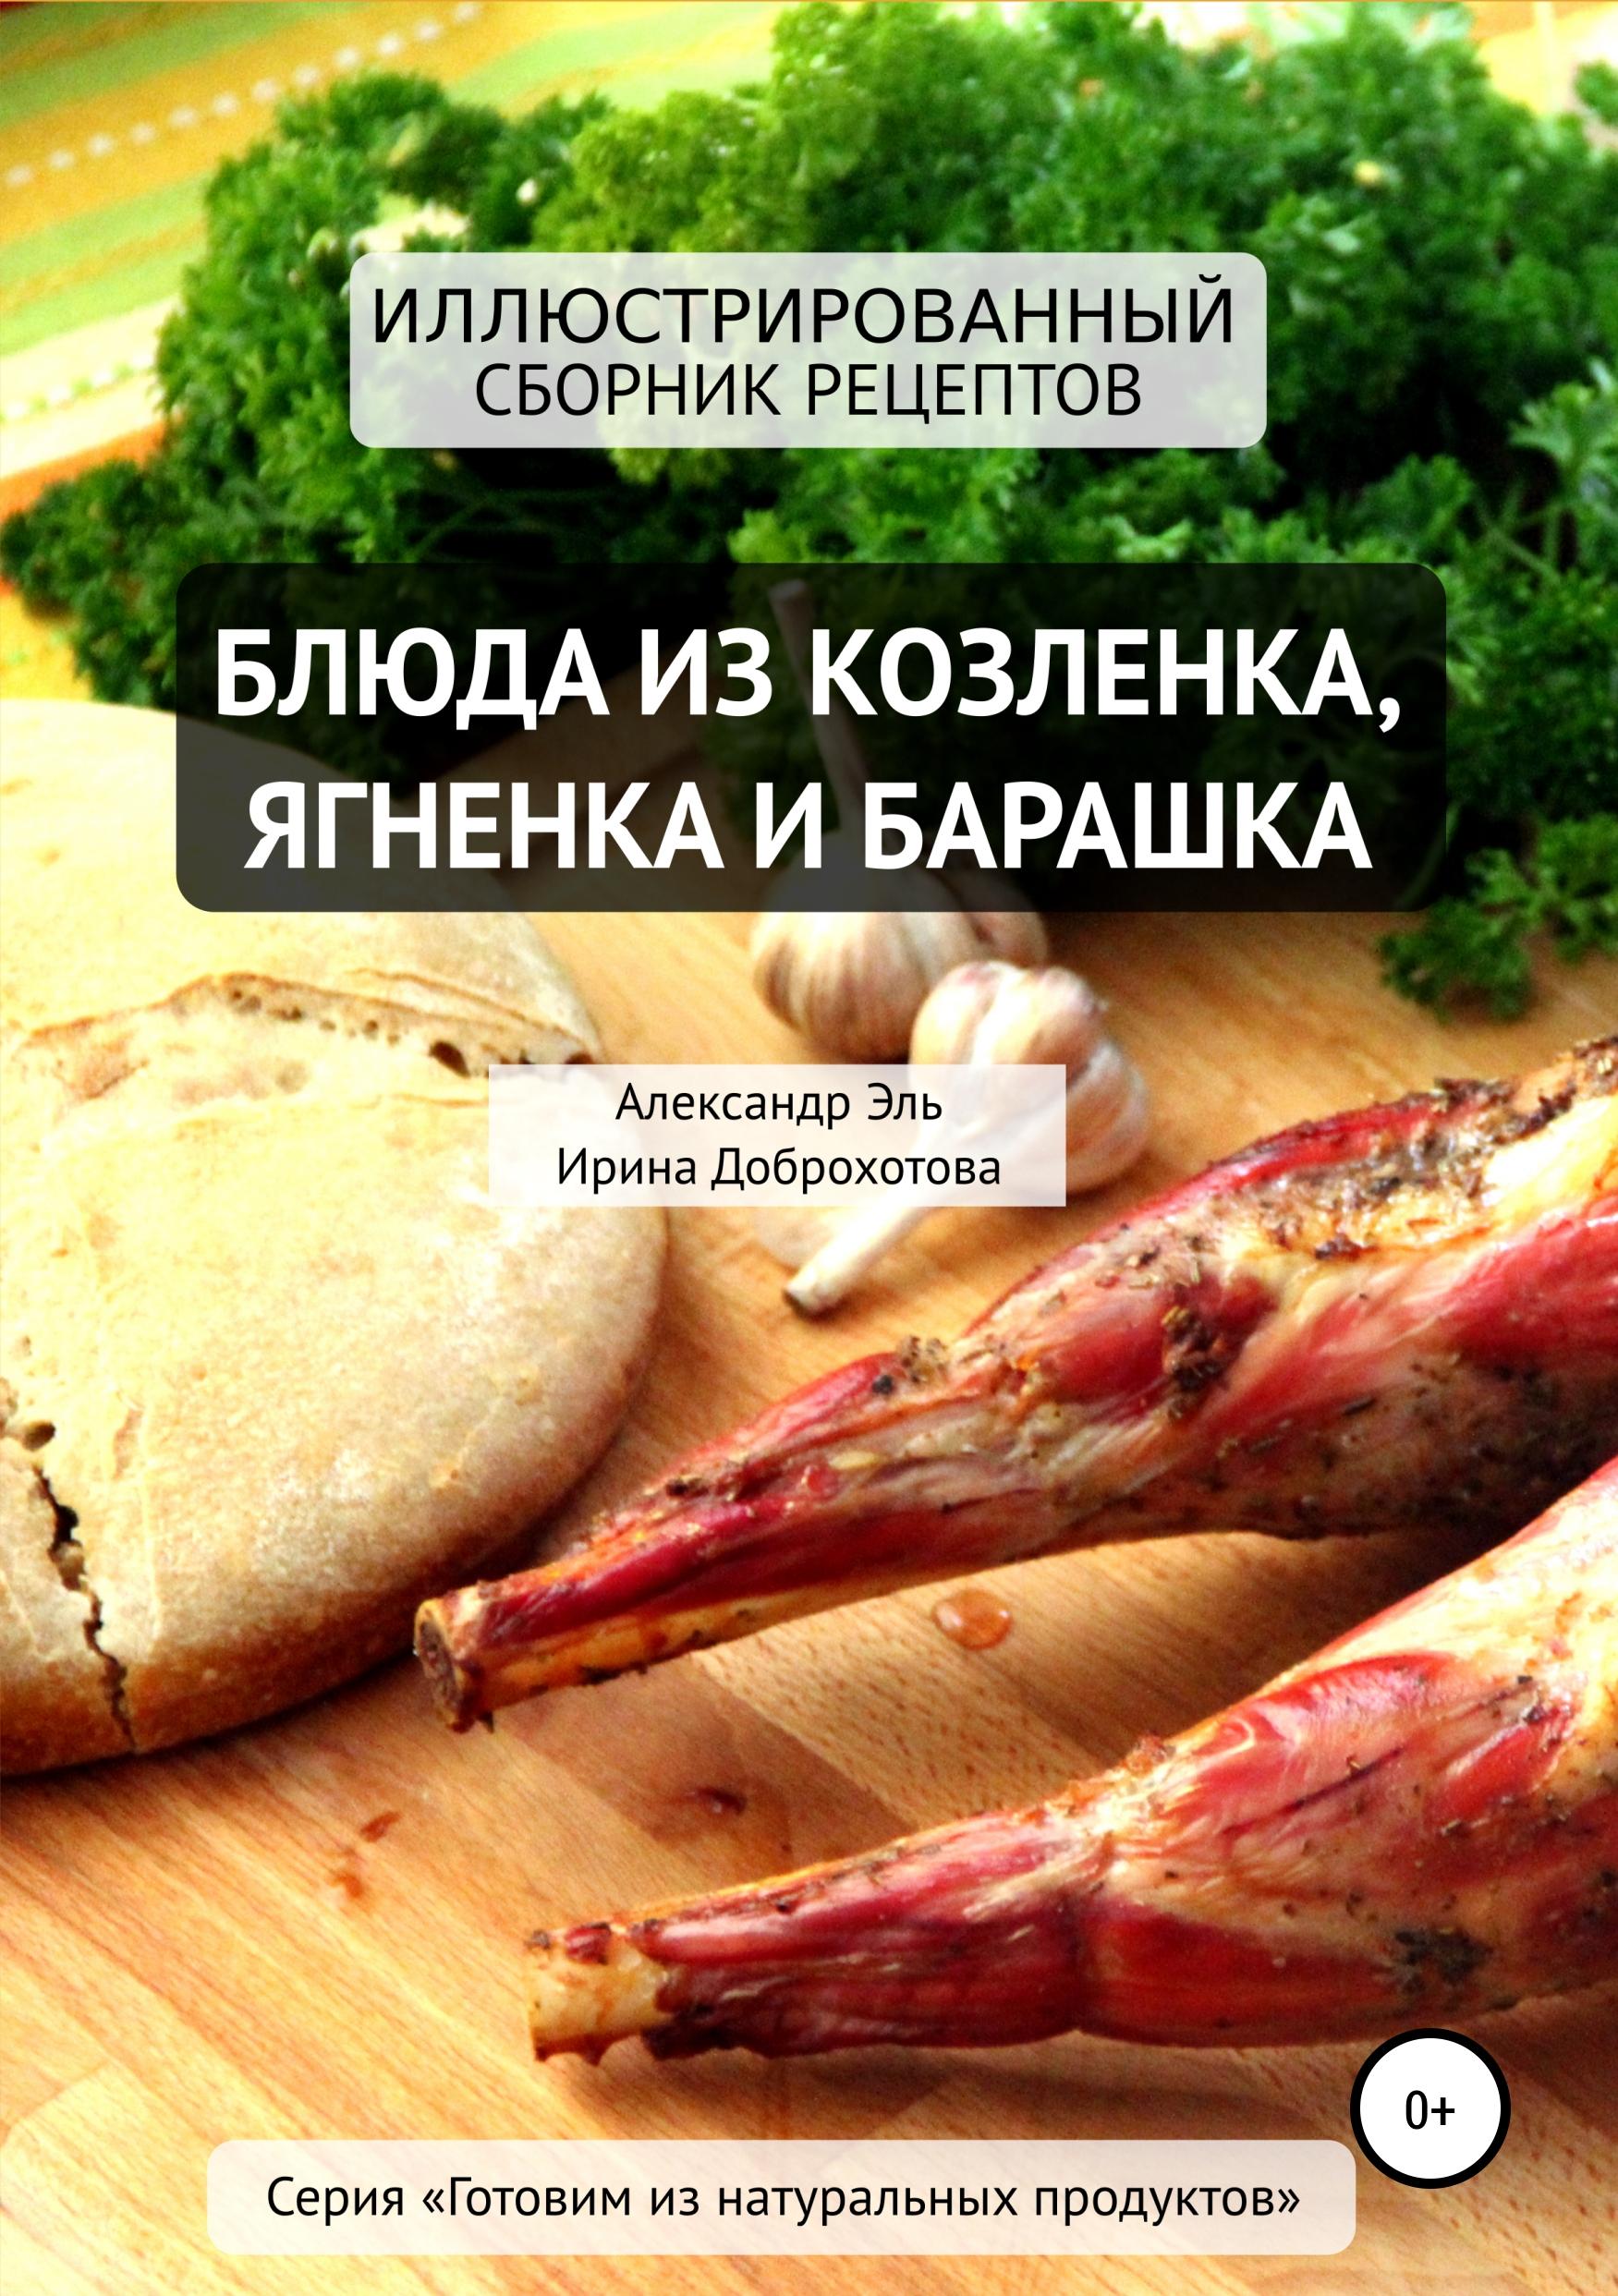 Блюда из козлёнка, ягнёнка и барашка